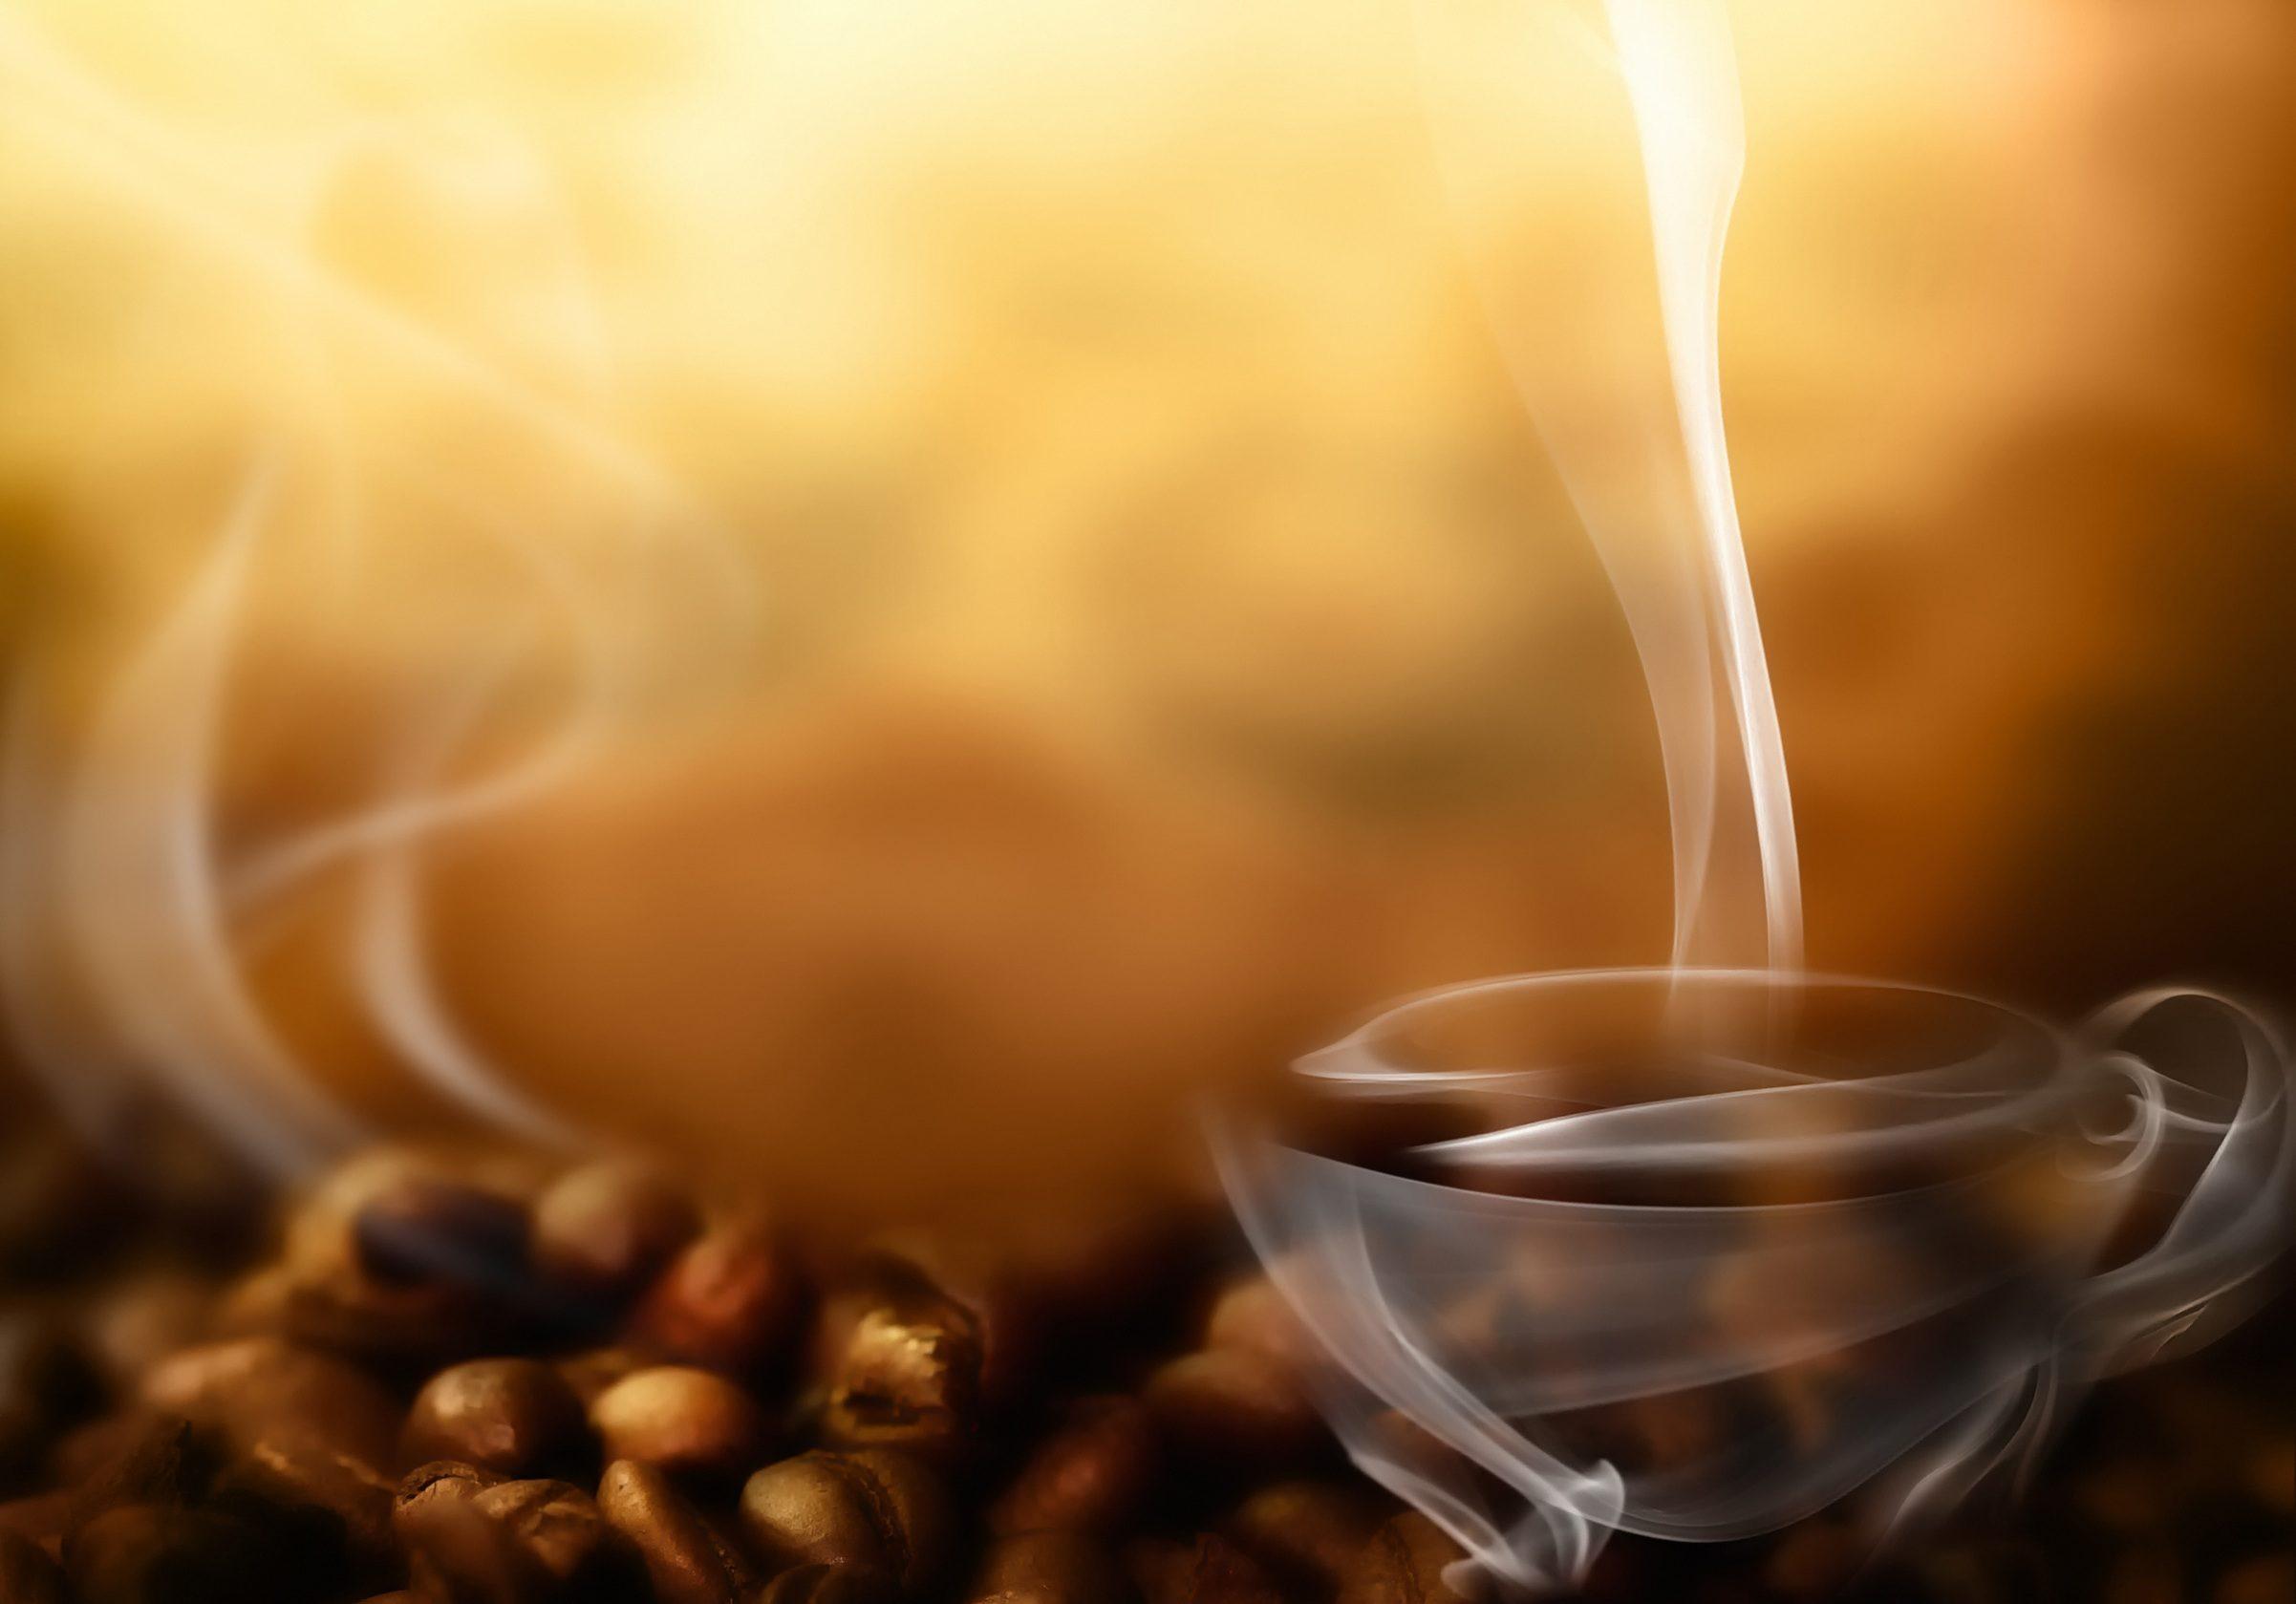 Картинки кофе скачать заставки дымок